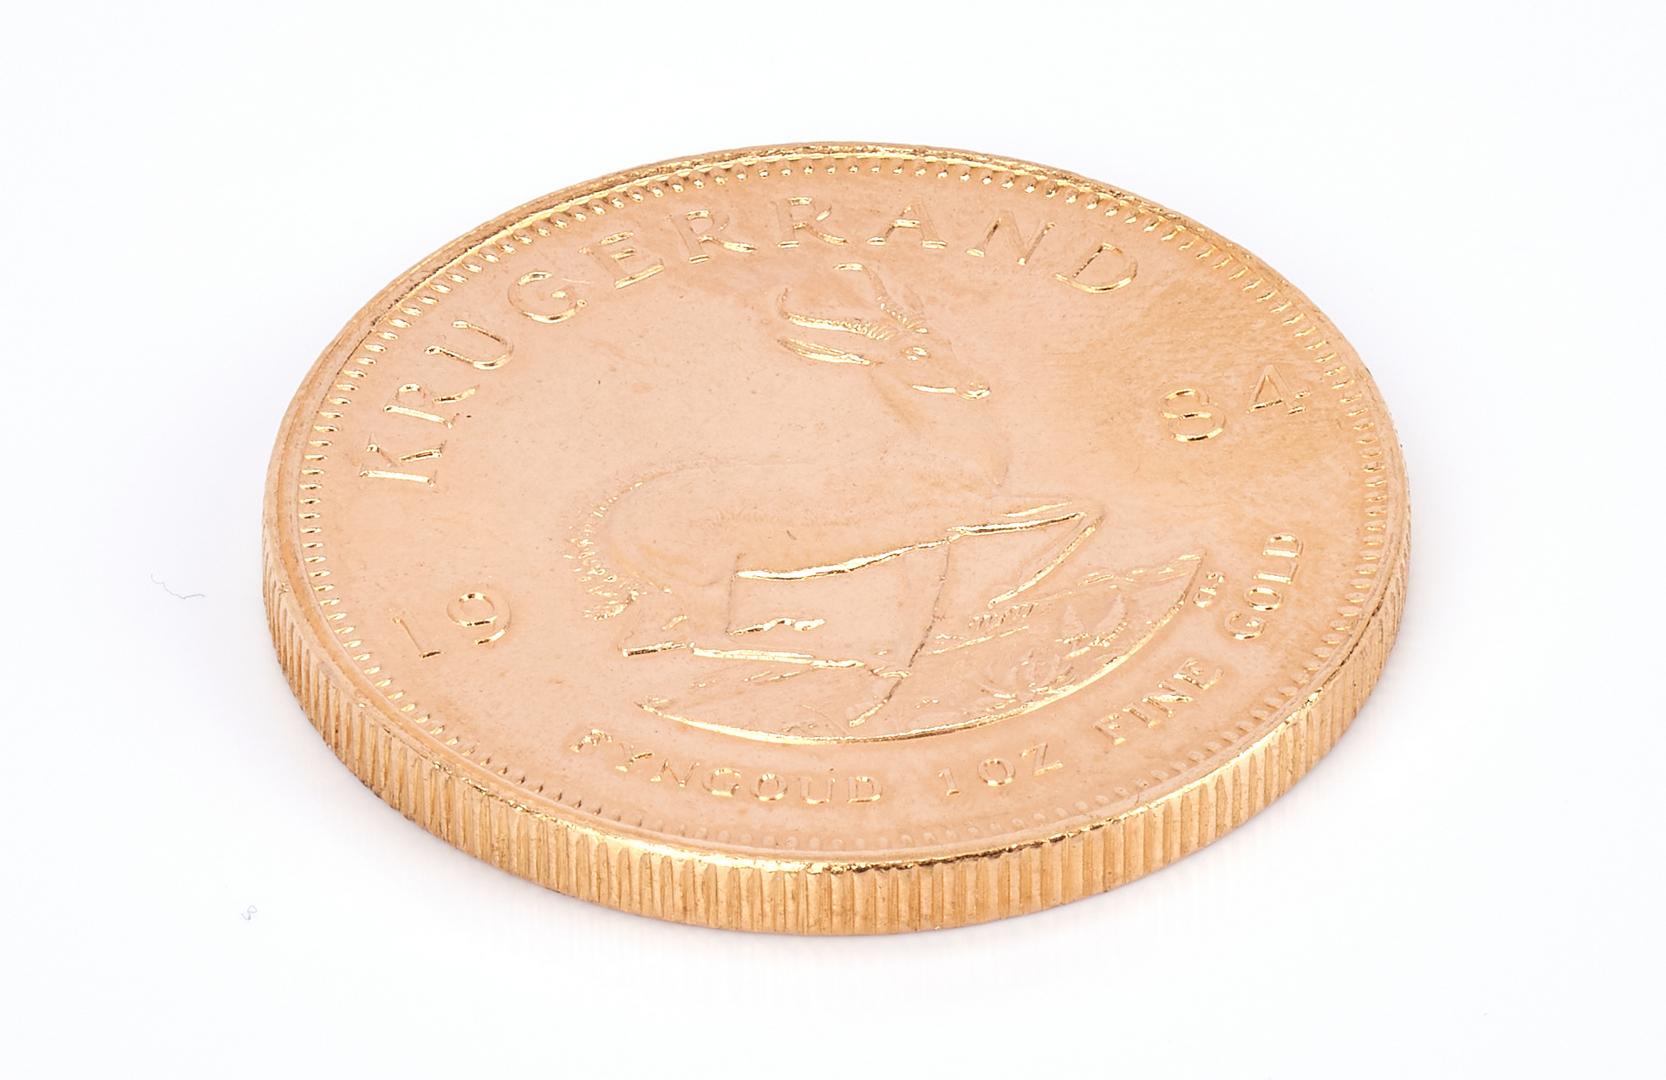 Lot 758: 1984 22K Gold South African Krugerrand